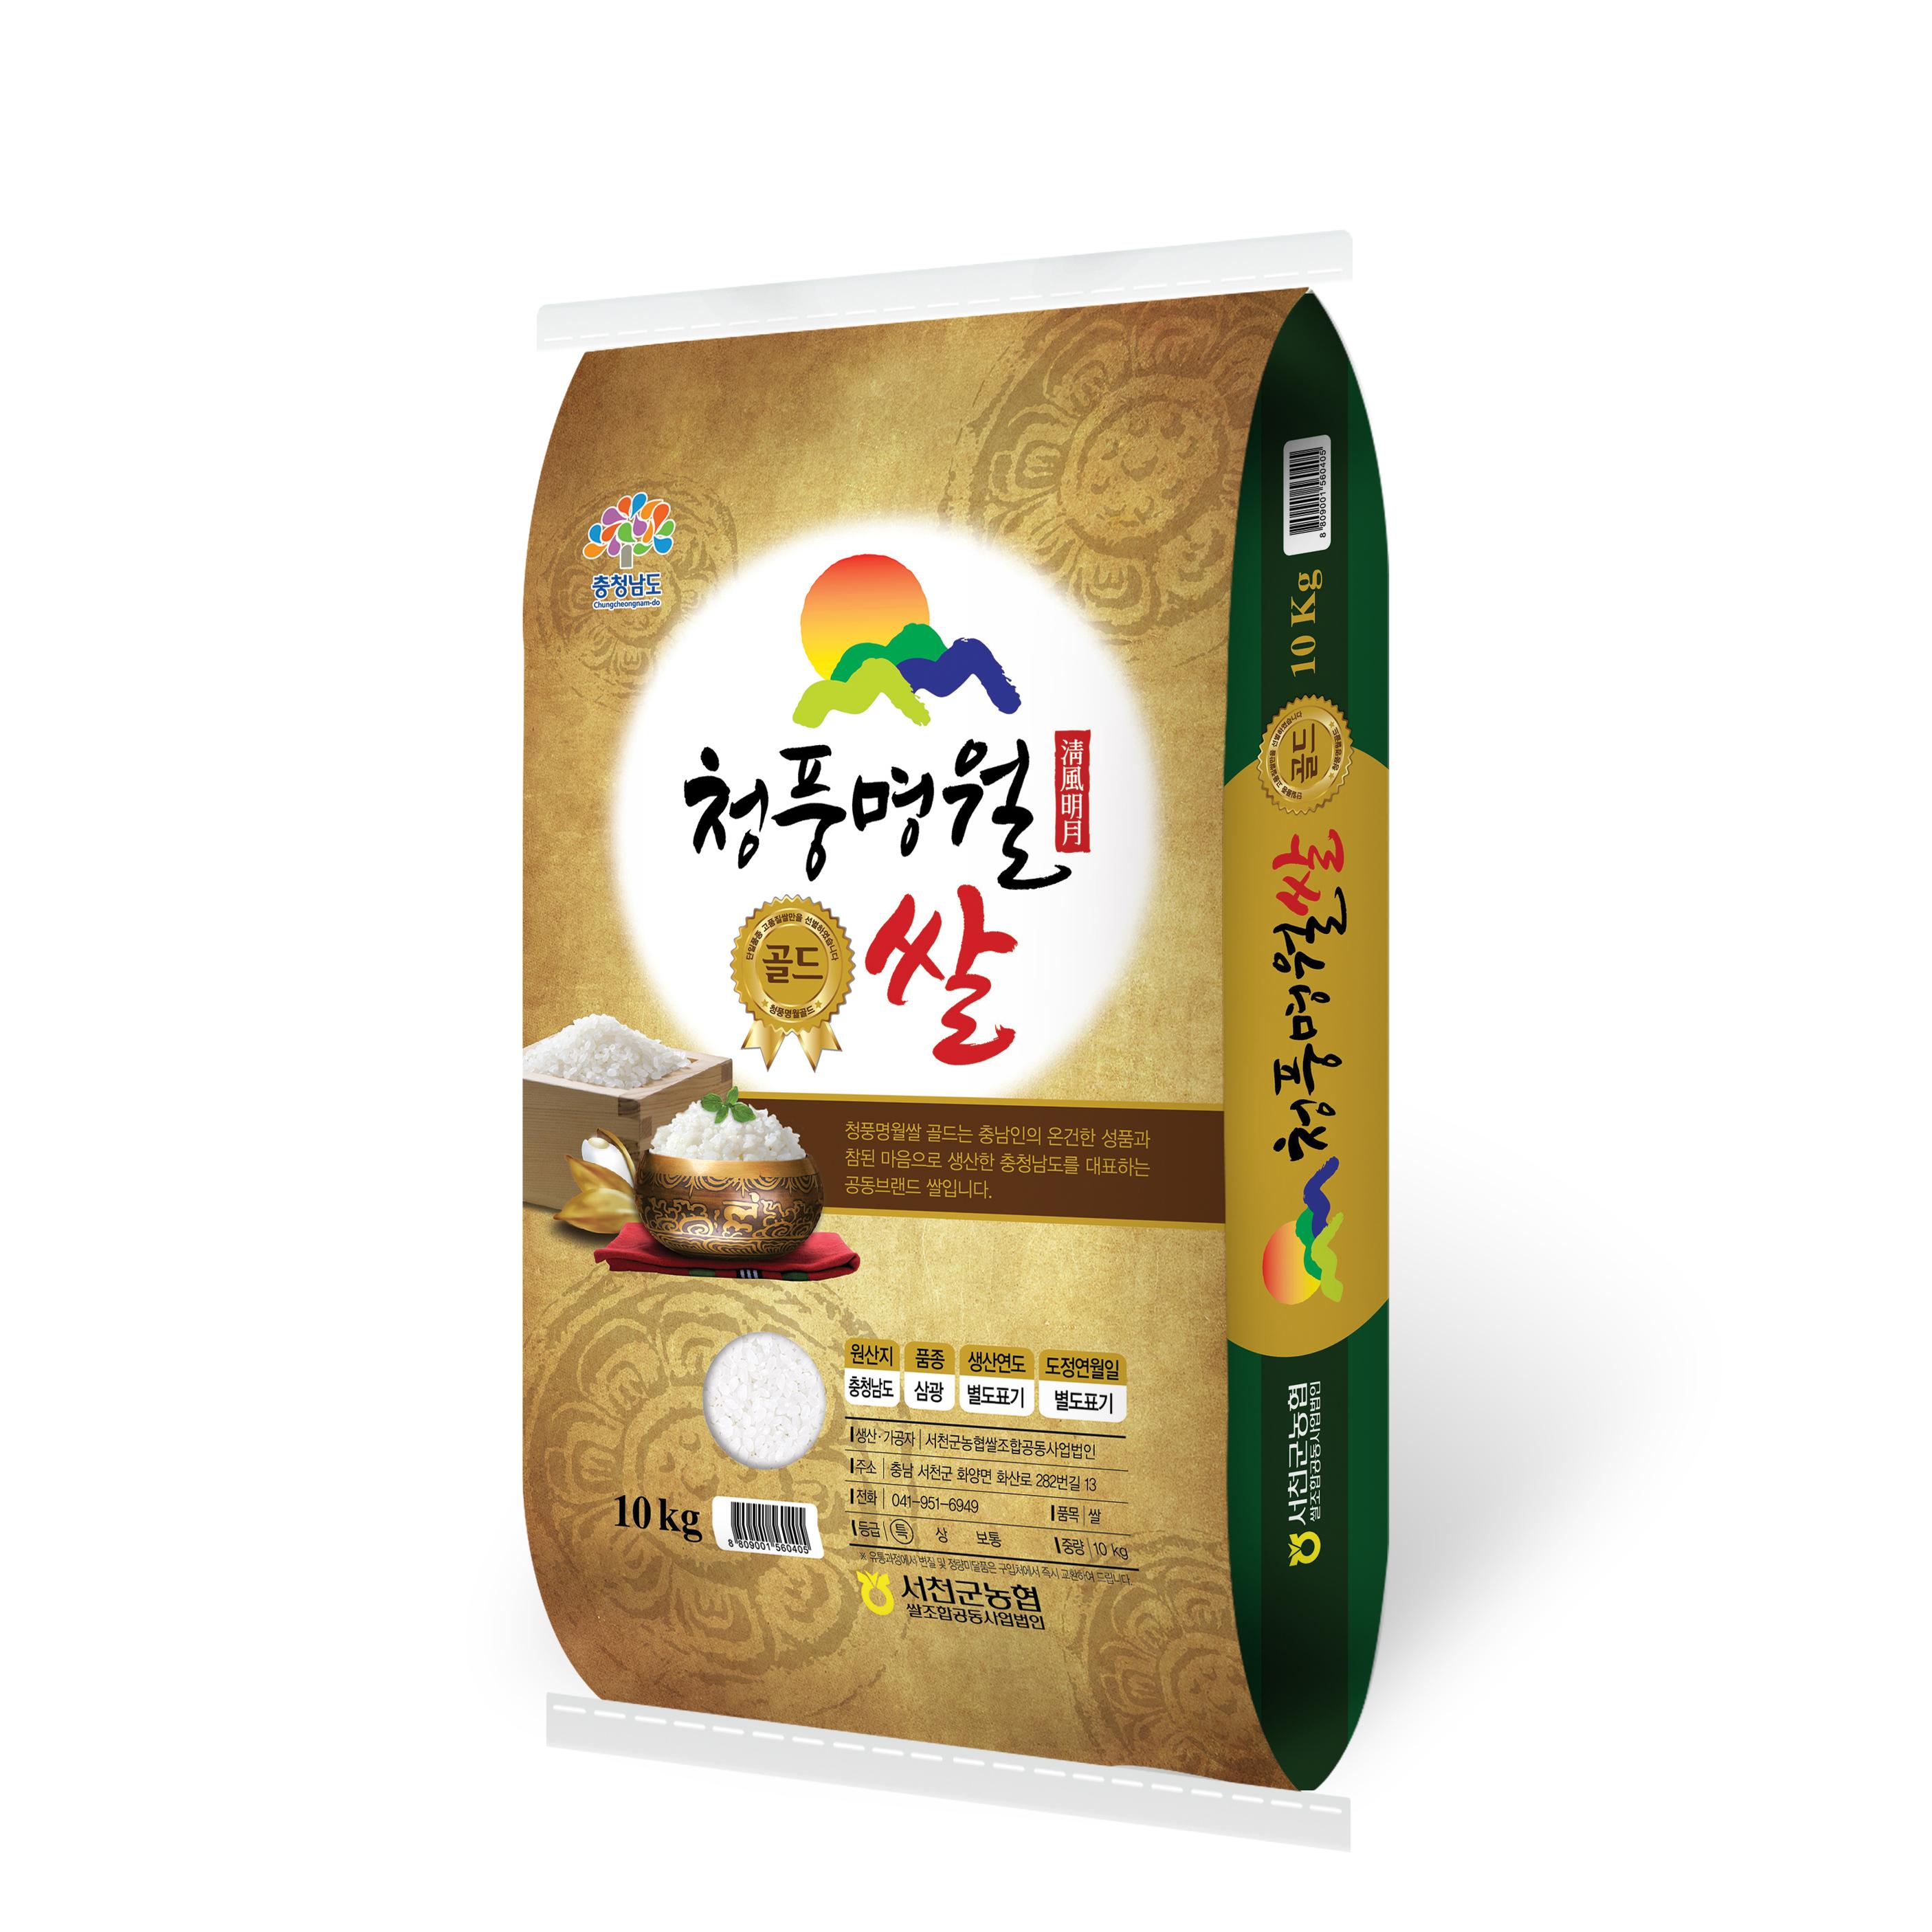 농협 청풍명월골드 삼광 쌀, 10kg, 1개